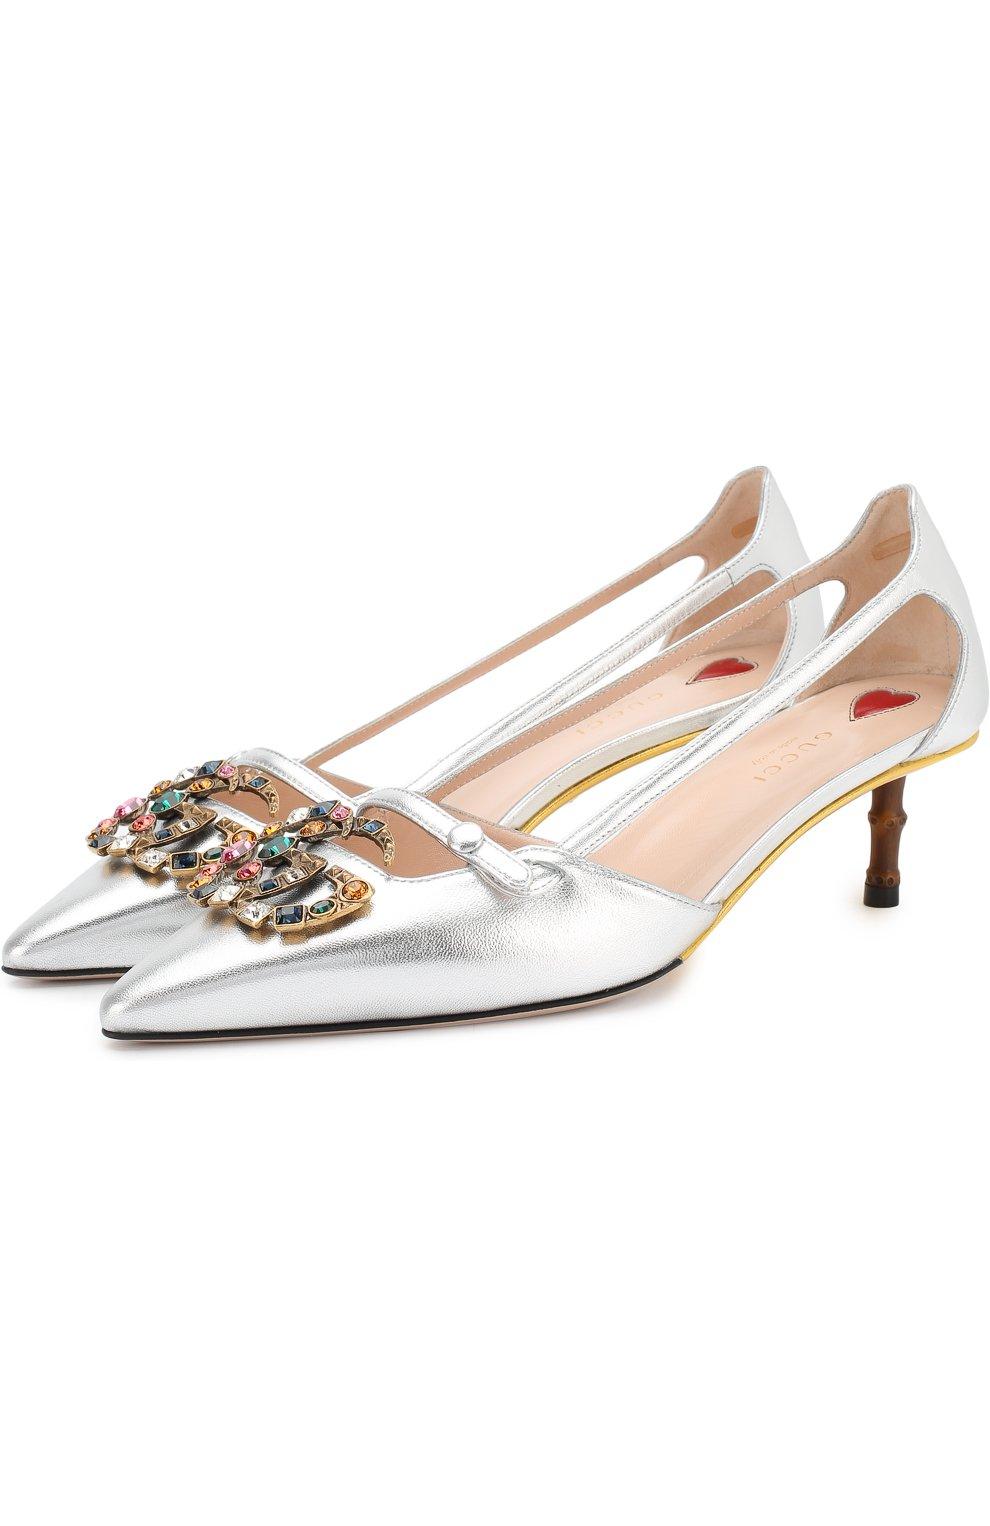 Женские туфли из металлизированной кожи на каблуке kitten heel GUCCI серебряного цвета, арт. 519918/B8B00 | Фото 1